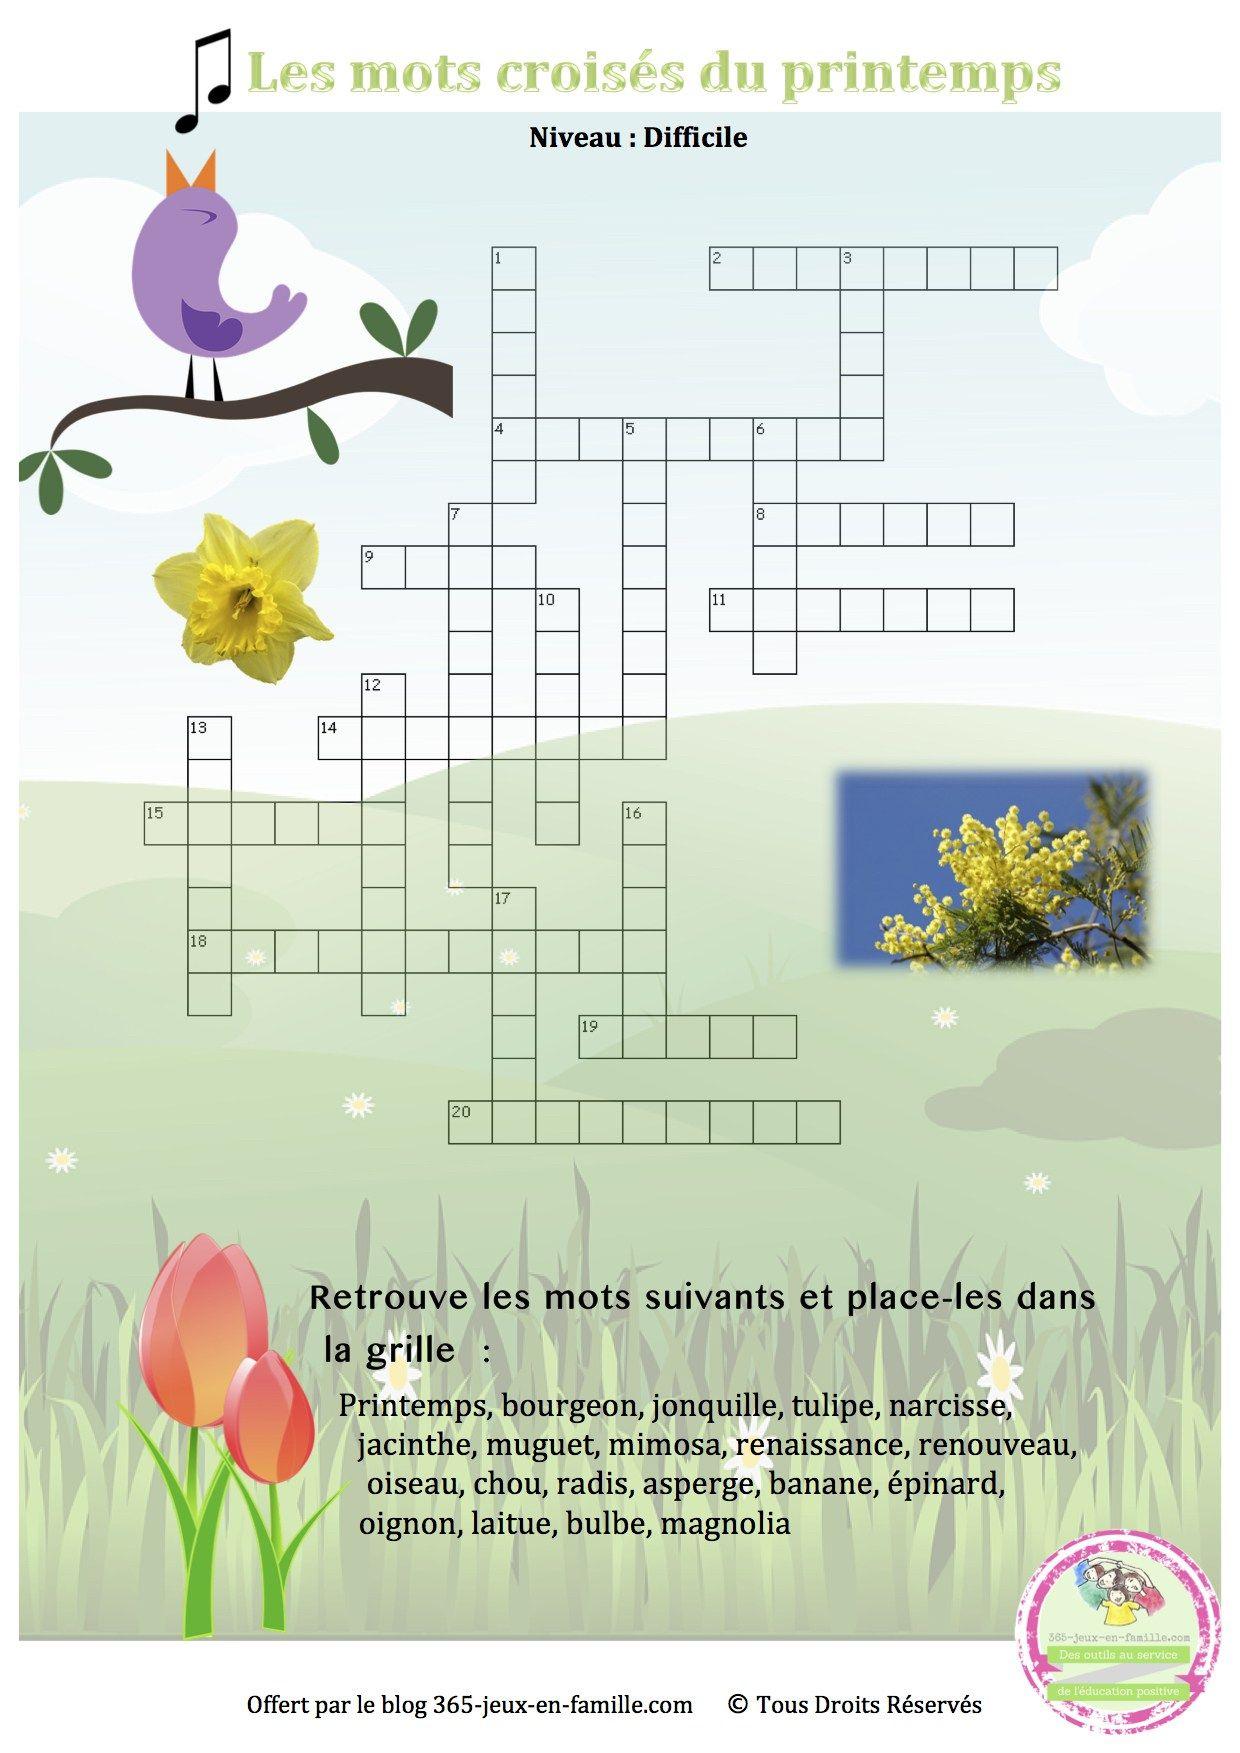 12 Jeux Gratuits À Imprimer Pour Le Printemps | Crossword tout Jeux De Puzzle Pour Enfan Gratuit